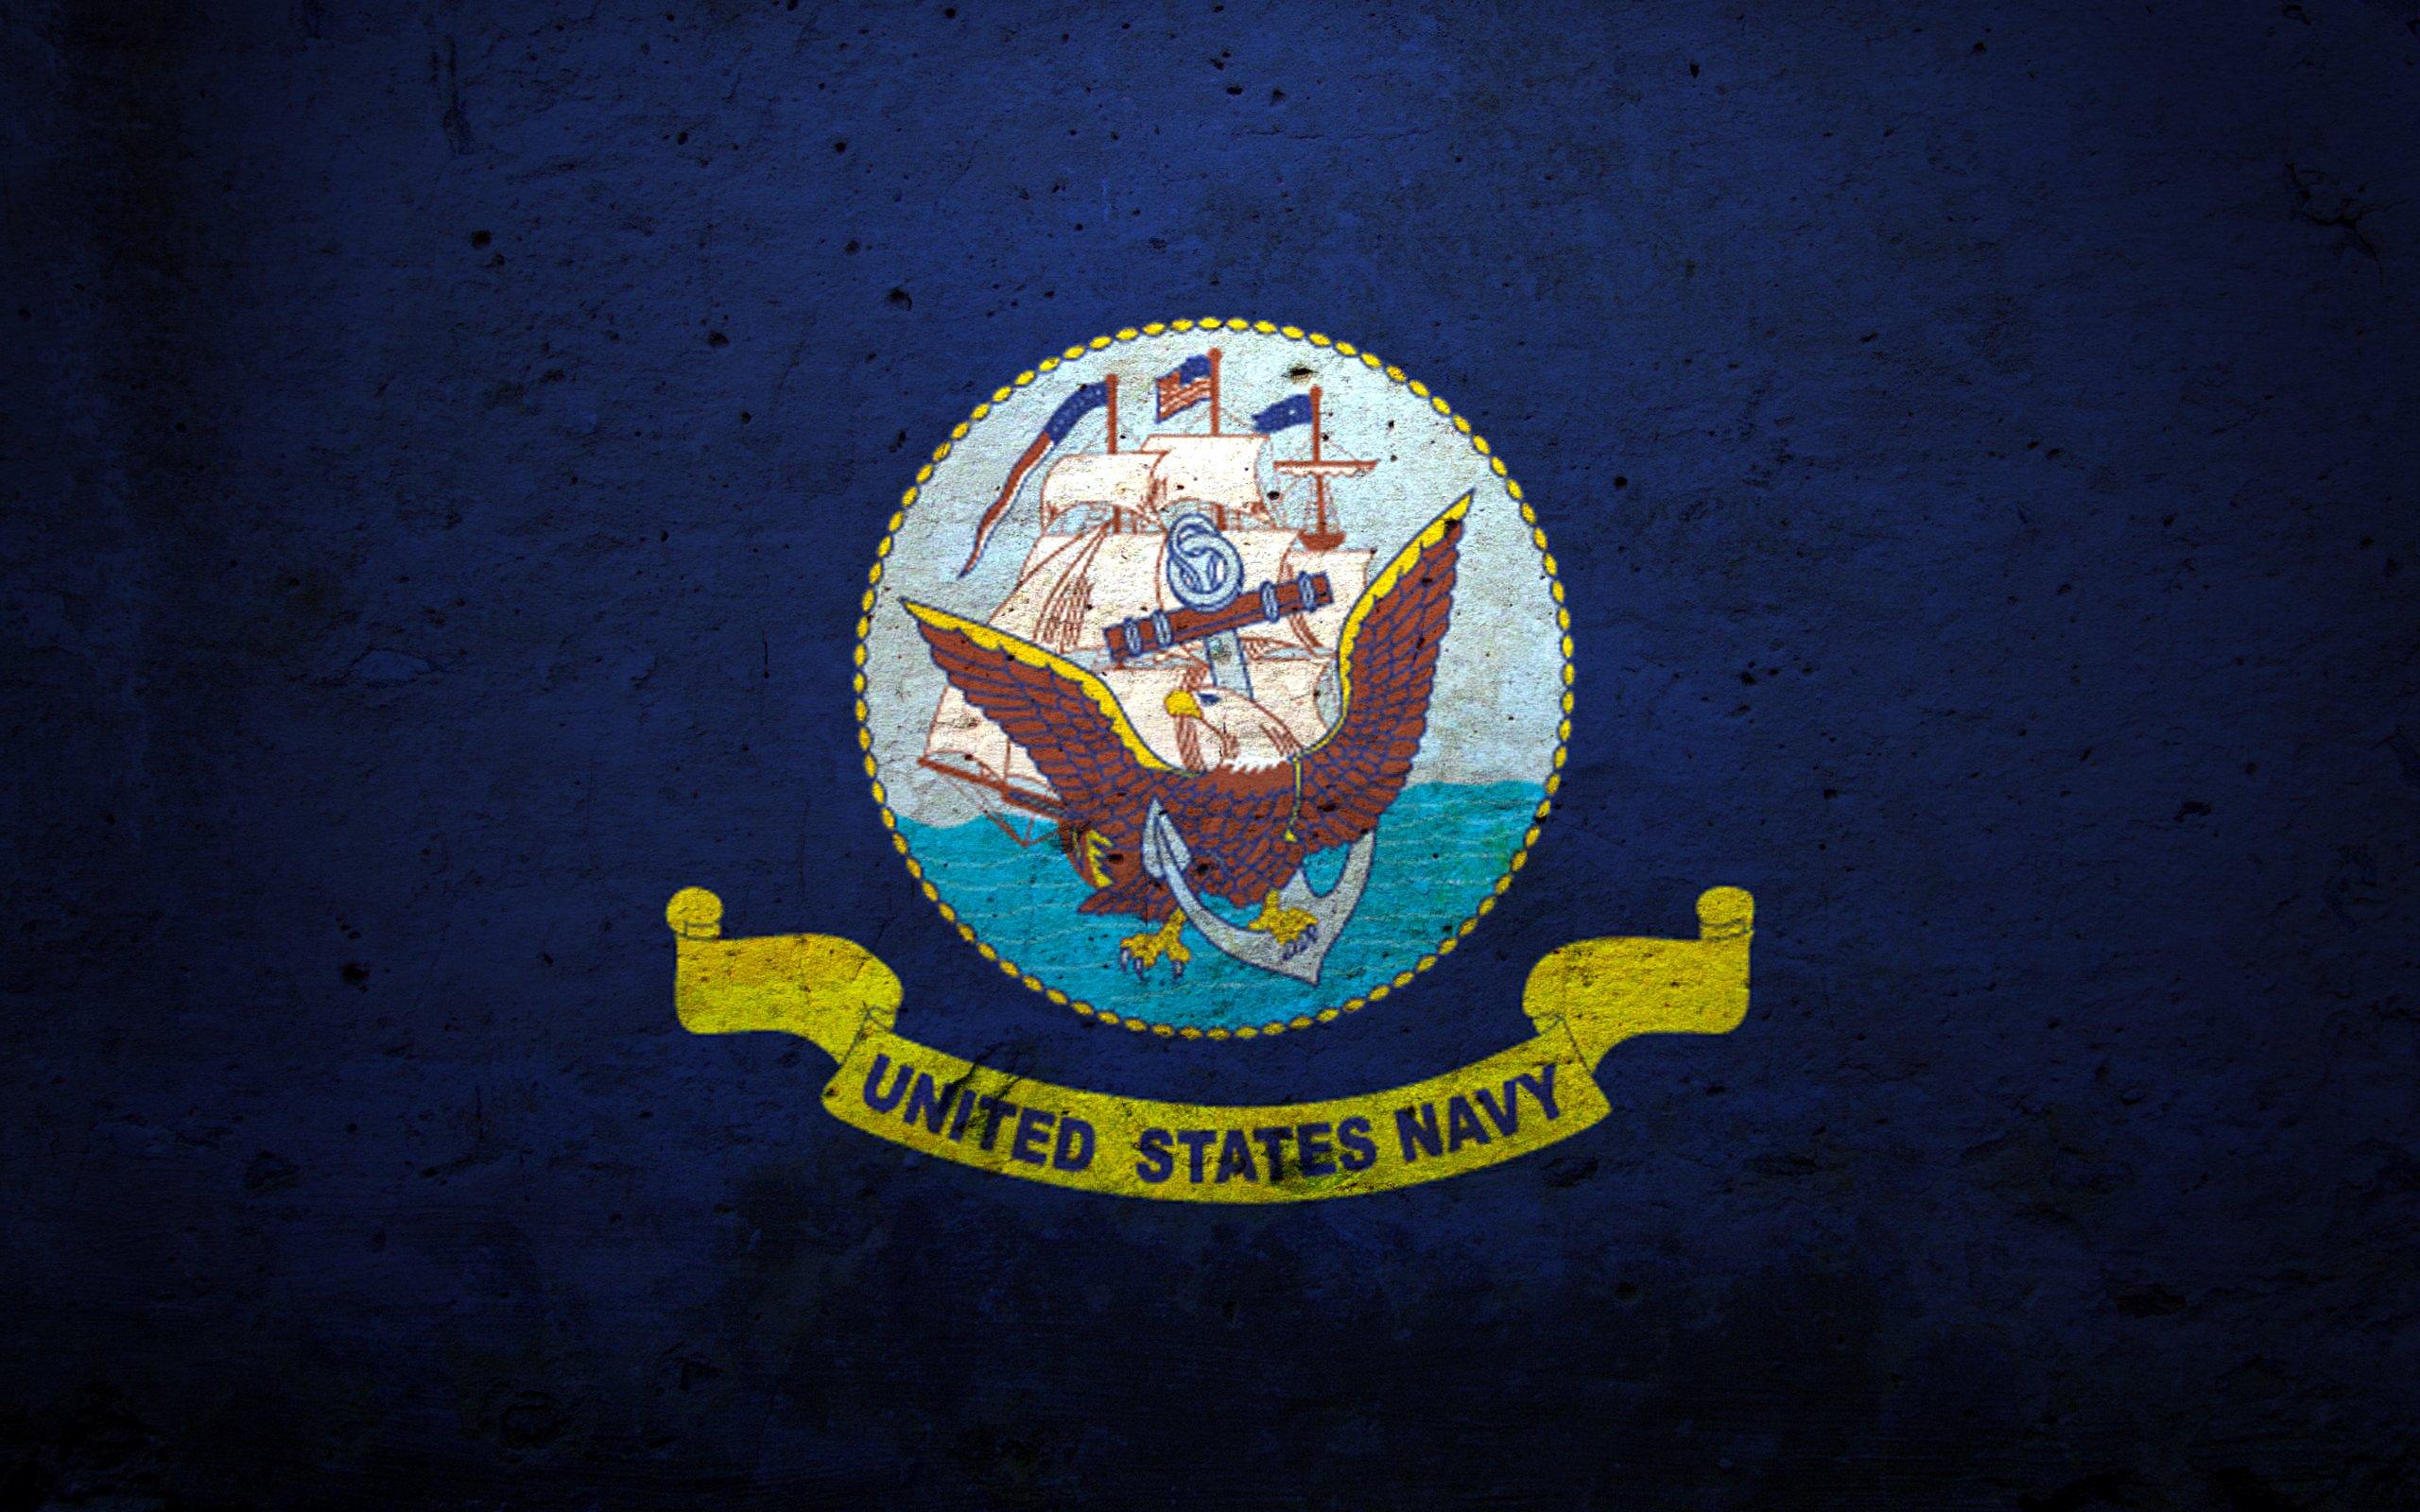 Official Us Navy Logo Wallpaper Us navy wallpaper 2560x1600